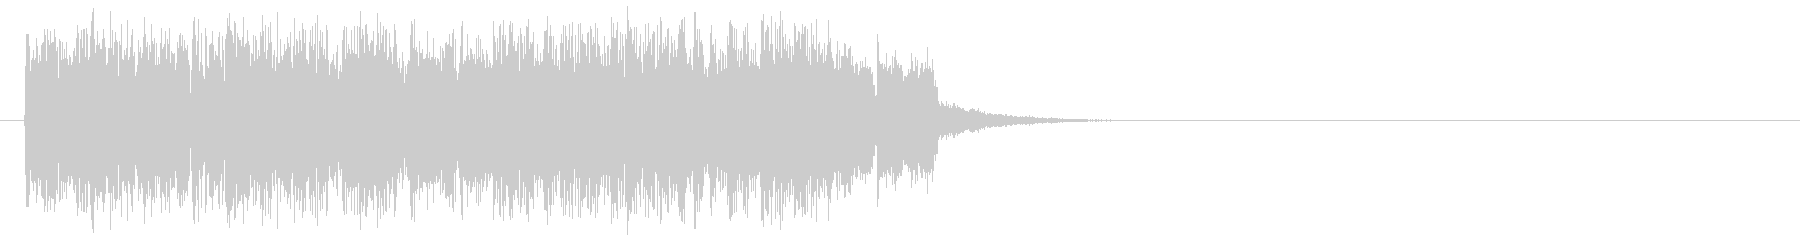 ジングル(どきどきの場面転換)の未再生の波形